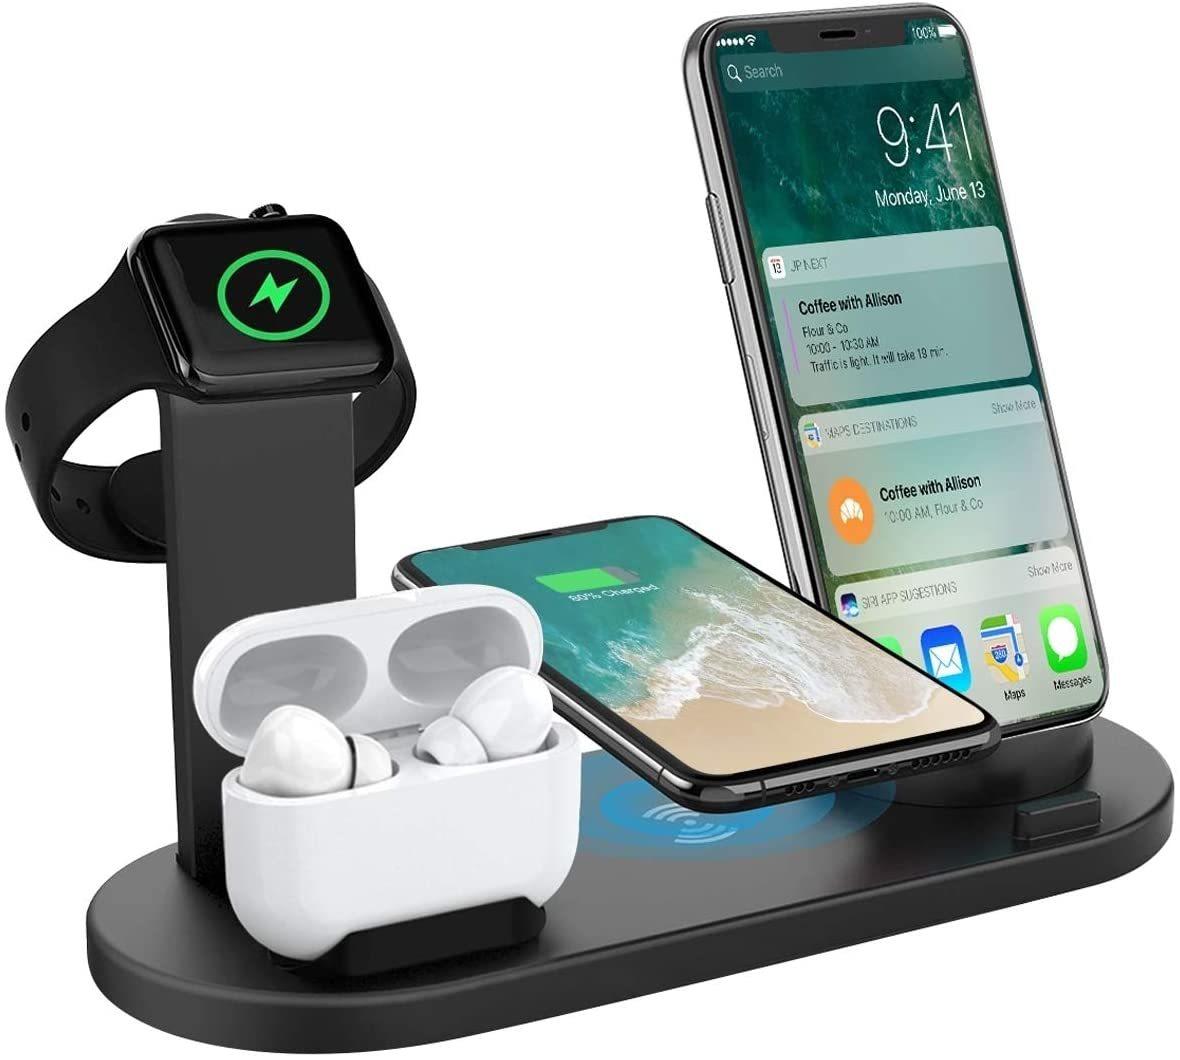 ワイヤレス充電スタンド Airpods Pro対応 iPhone/Apple Watch/Airpodsワイヤレス充電器 4-in-1ワイヤレスチャージャー